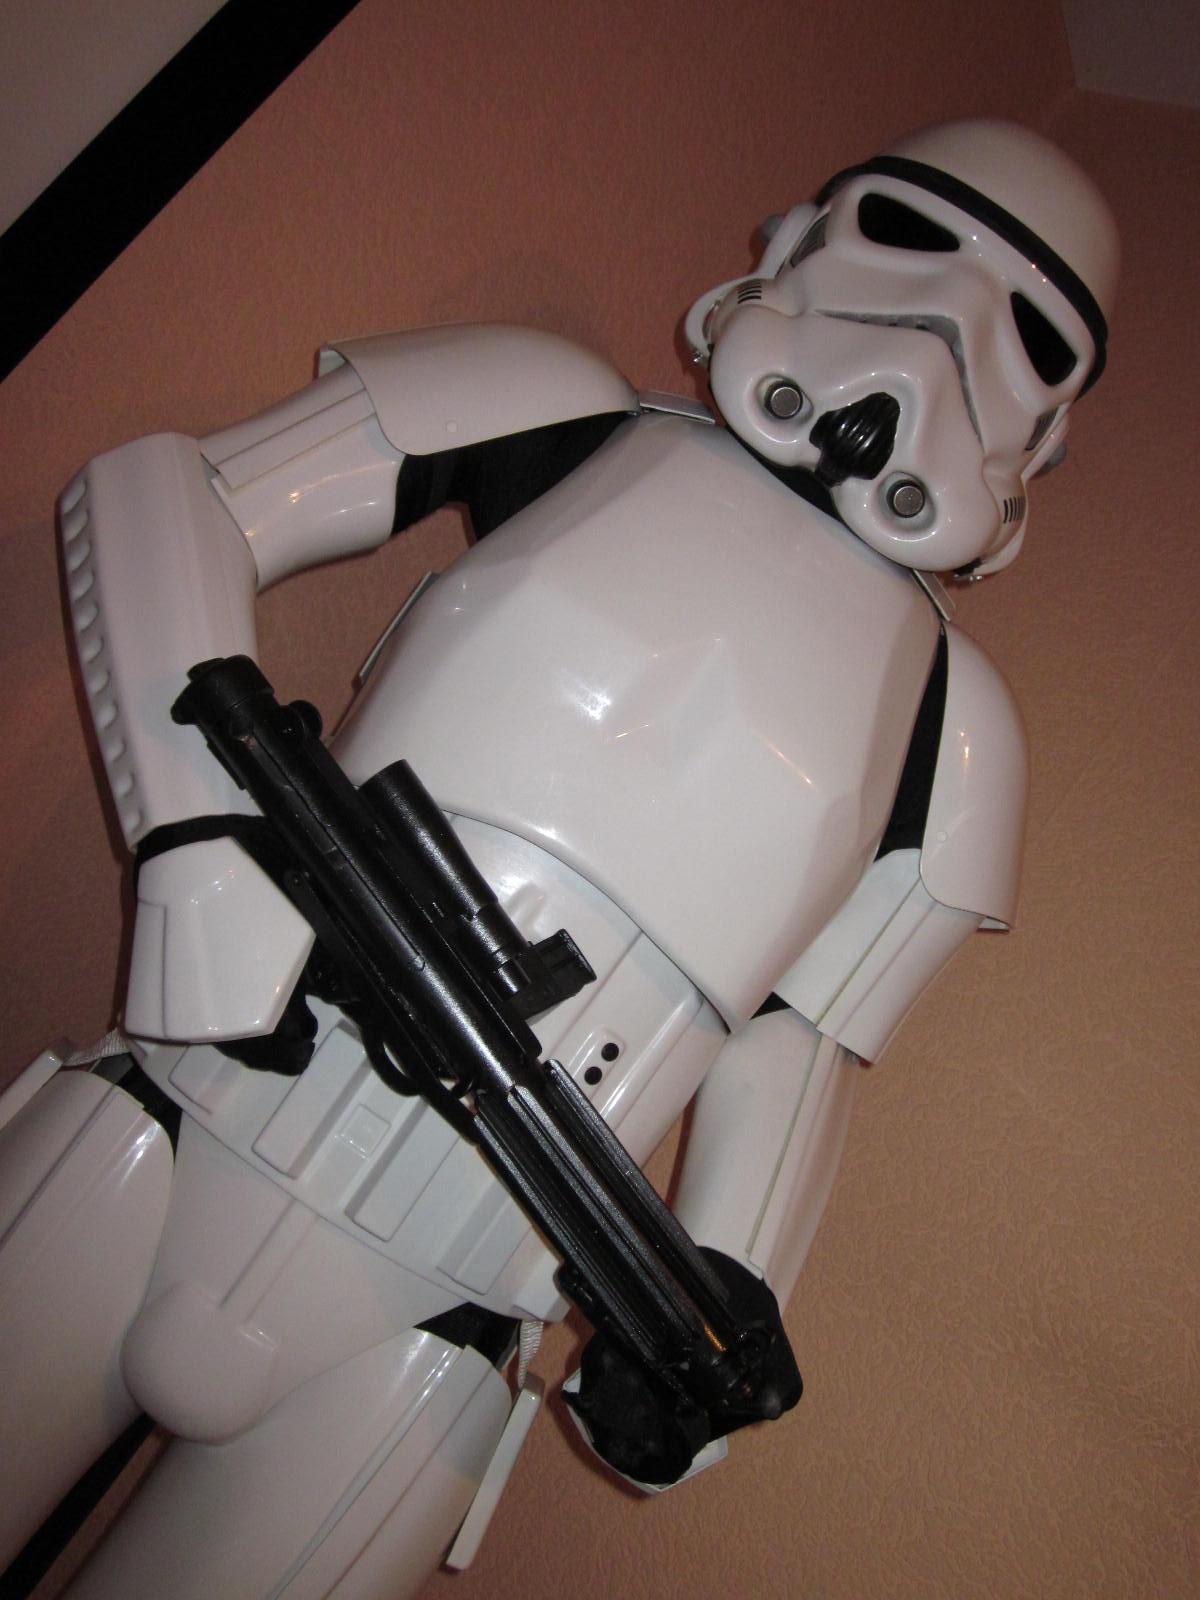 stormtrooper fini, grace a vous  514343storm2